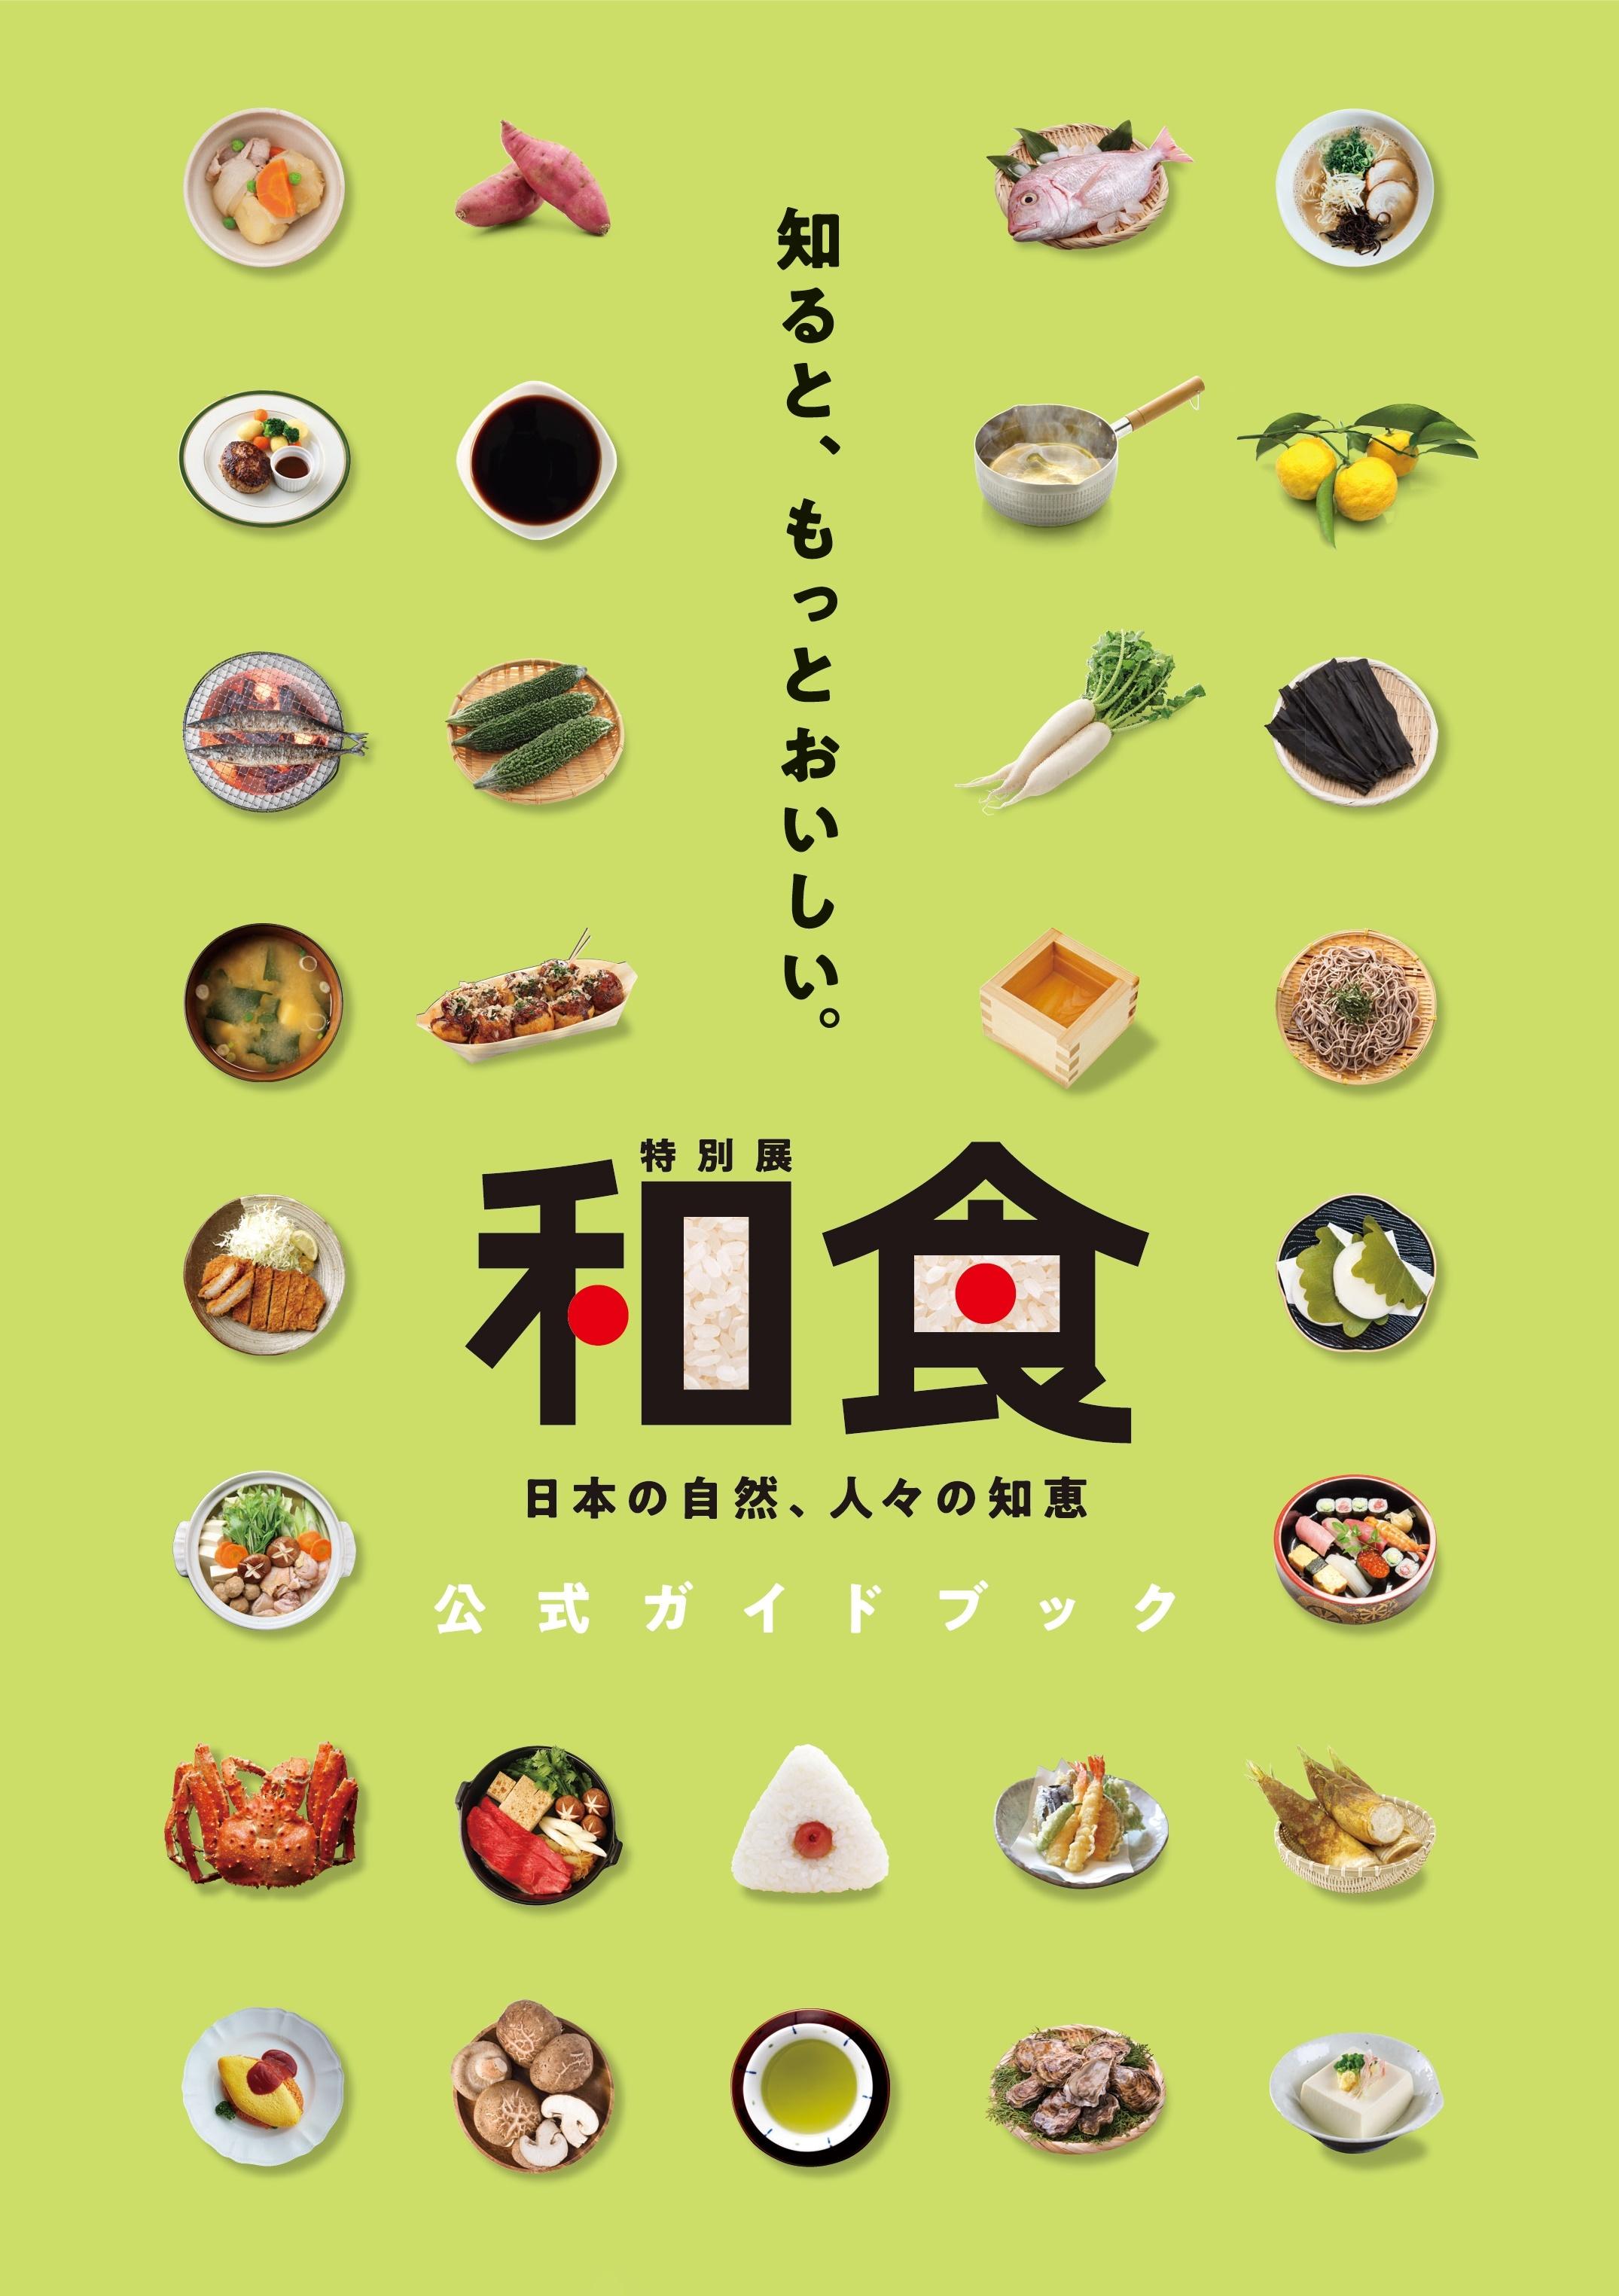 公式ガイドブック(B5判 160ページ):2,420円(税込)